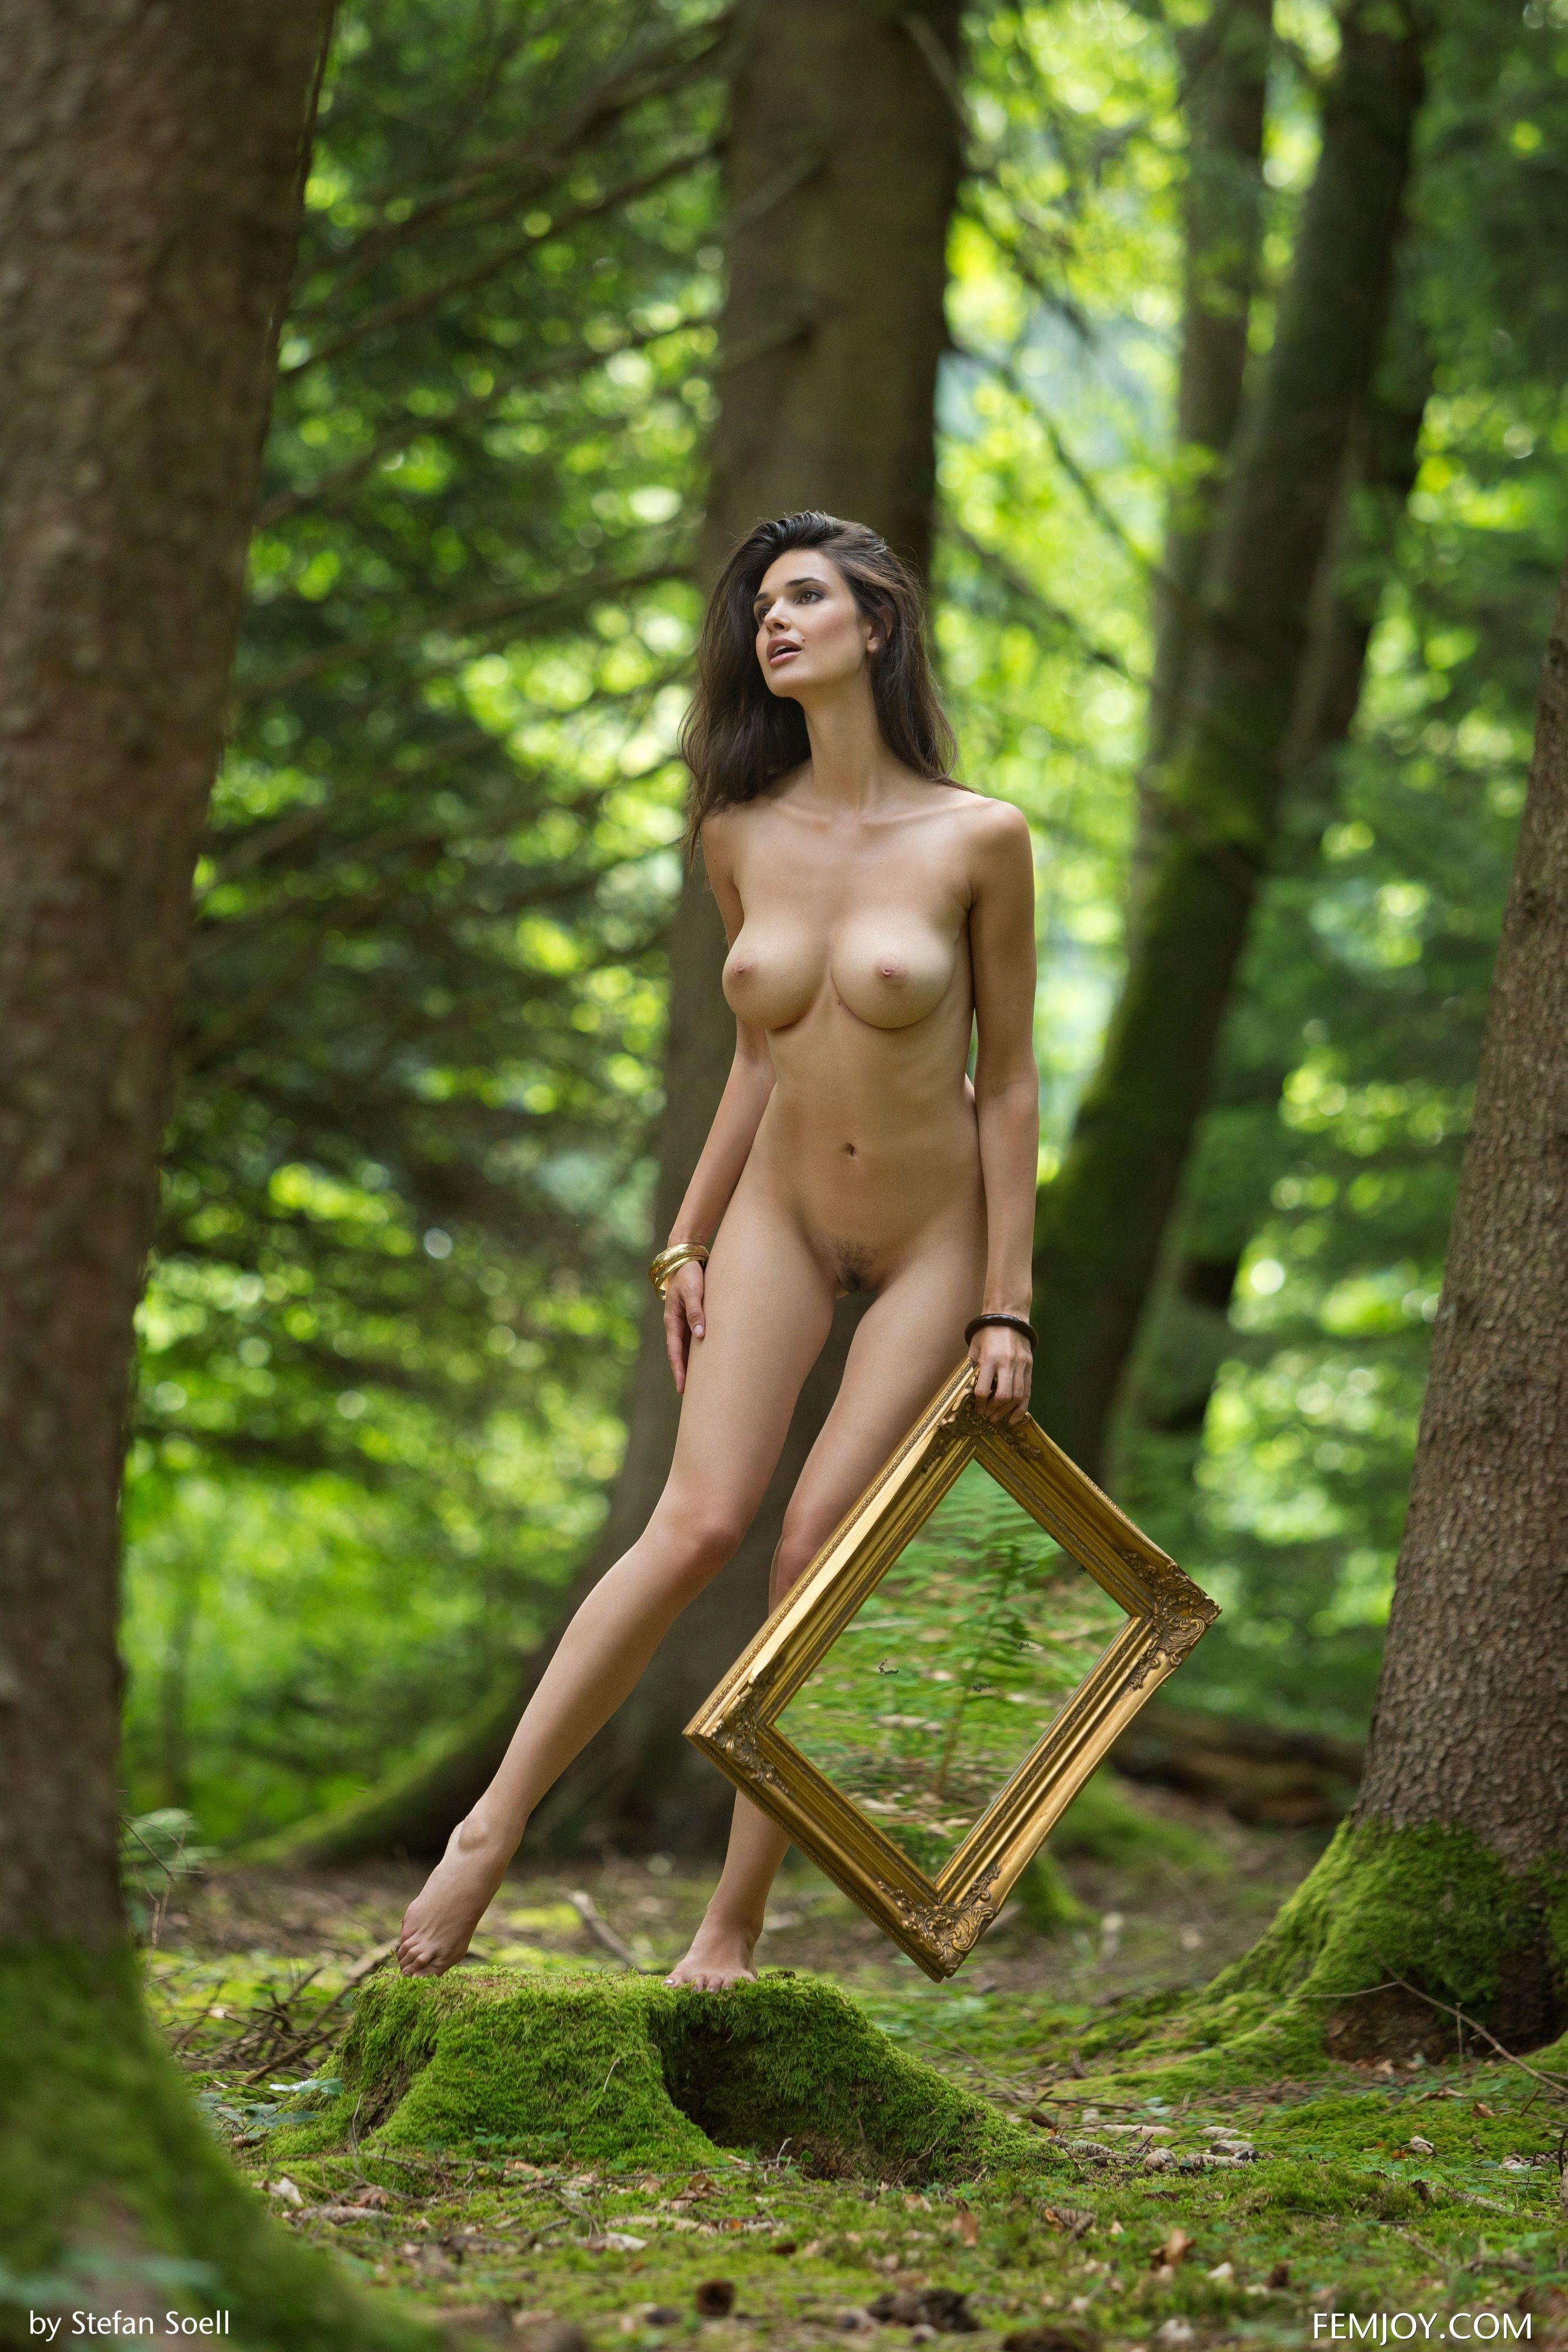 boy and girl nude pics